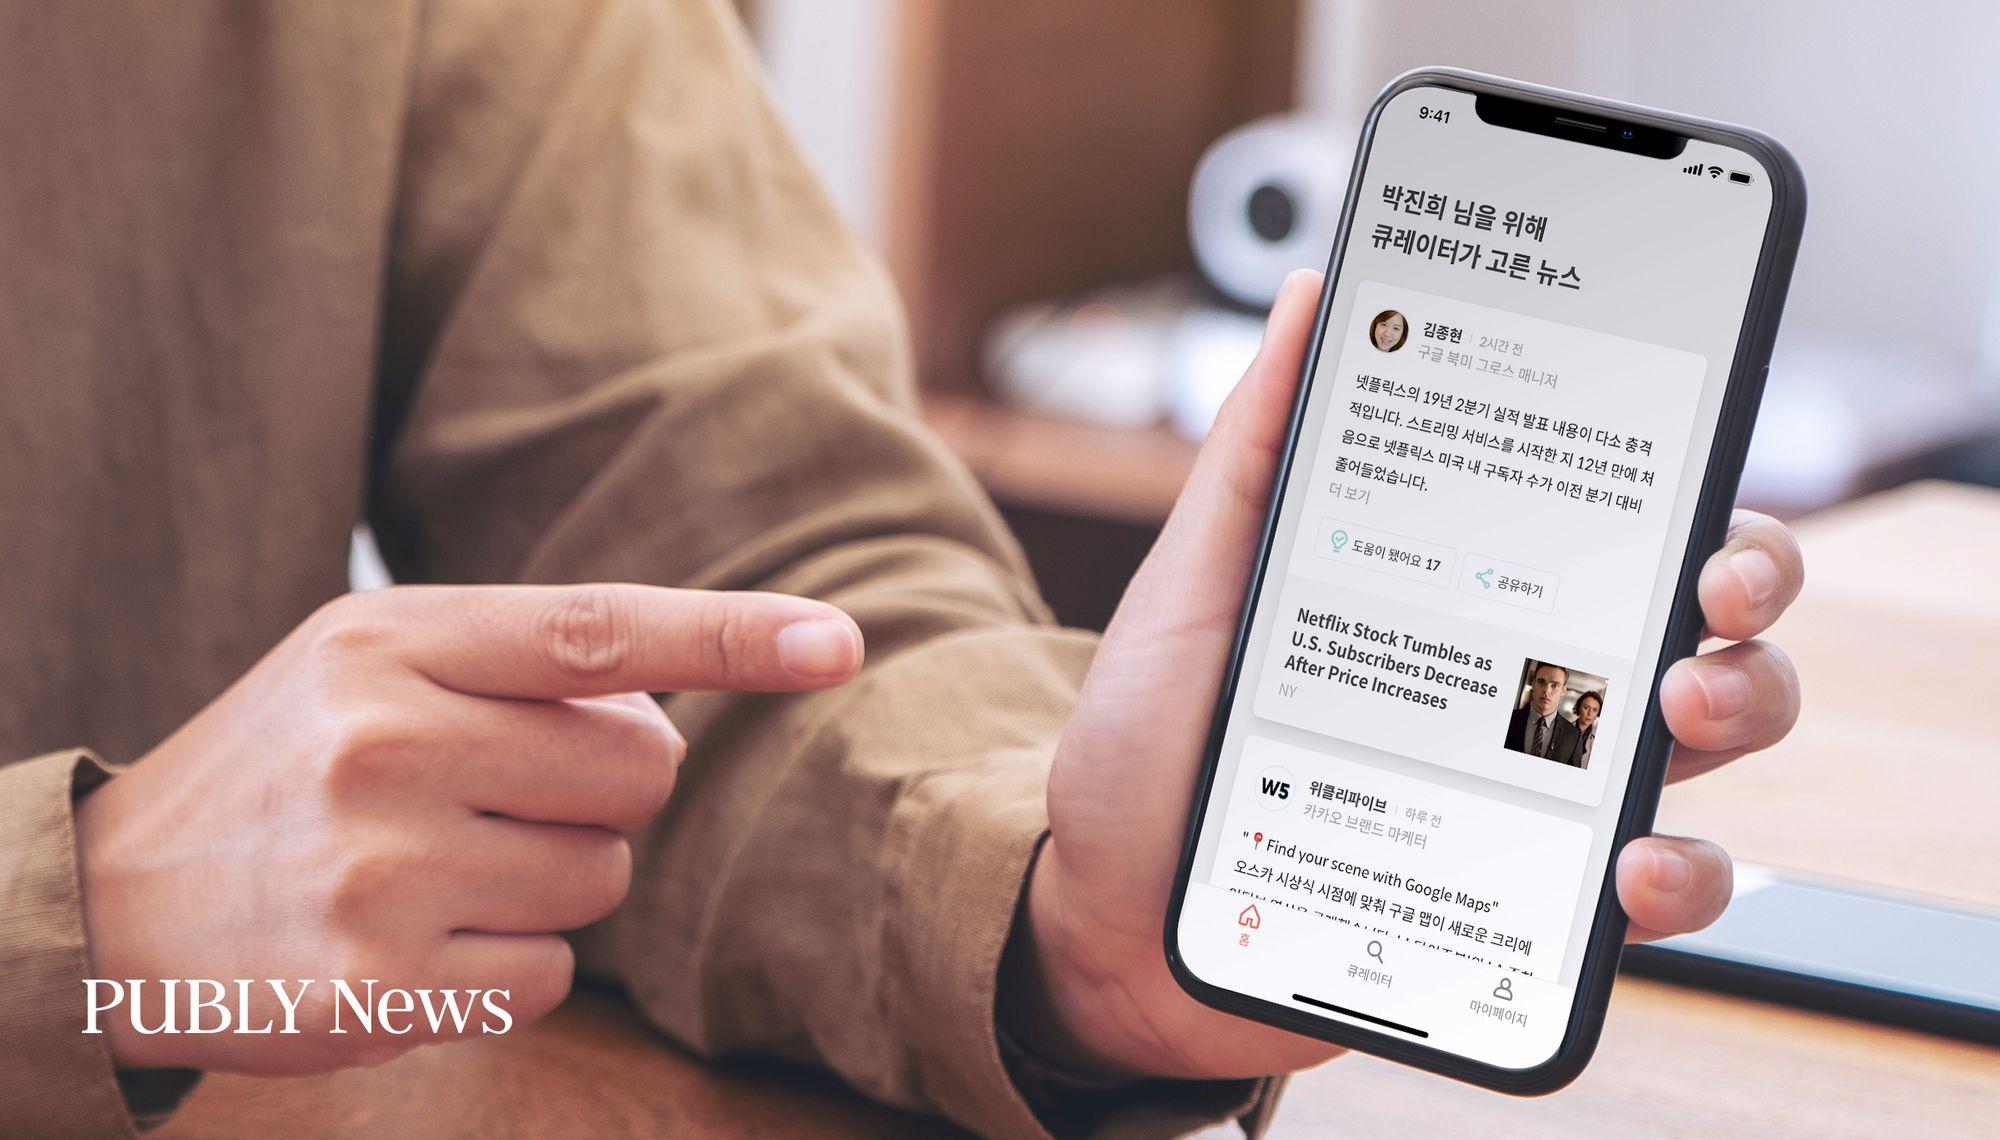 퍼블리의 뉴스 서비스와 뉴스 생태계의 재구성